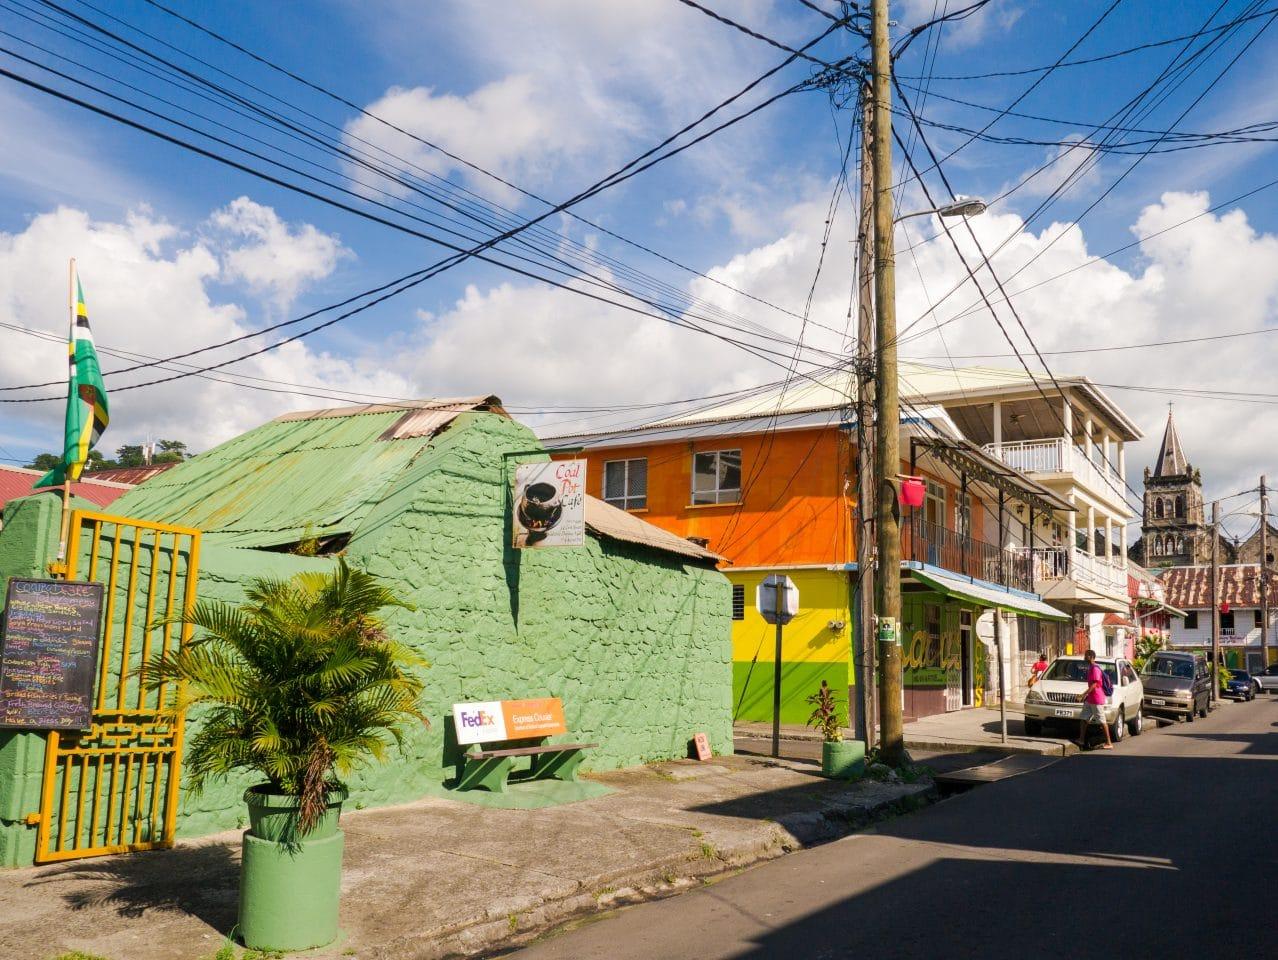 roseau, dominique, dominica, antilles